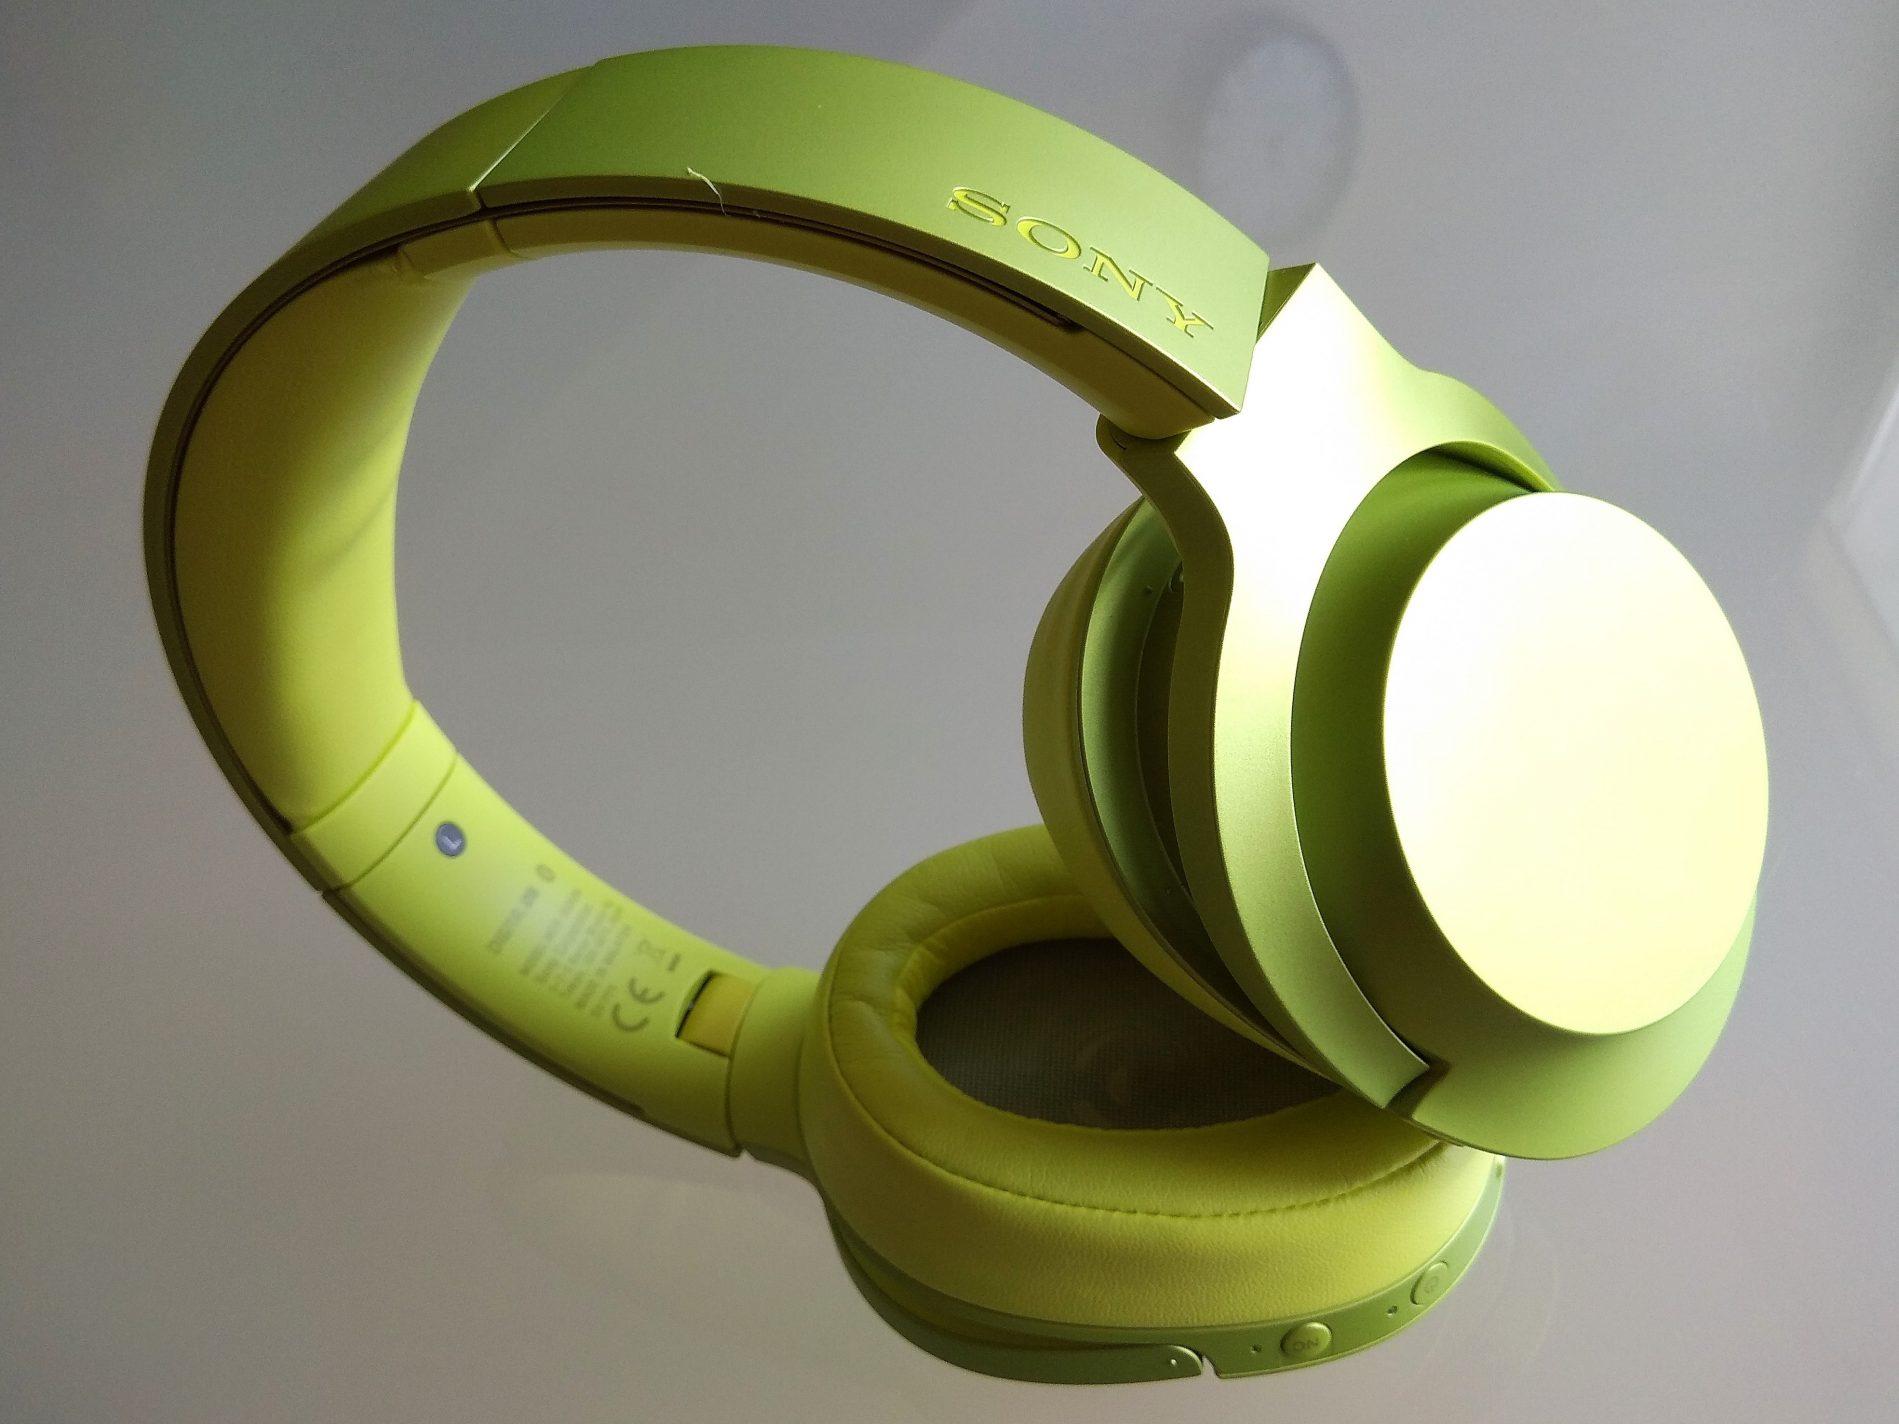 Recenzja słuchawek bezprzewodowych Sony MDR-100ABN. Dobre decyzje brzmią właśnie w ten sposób 20